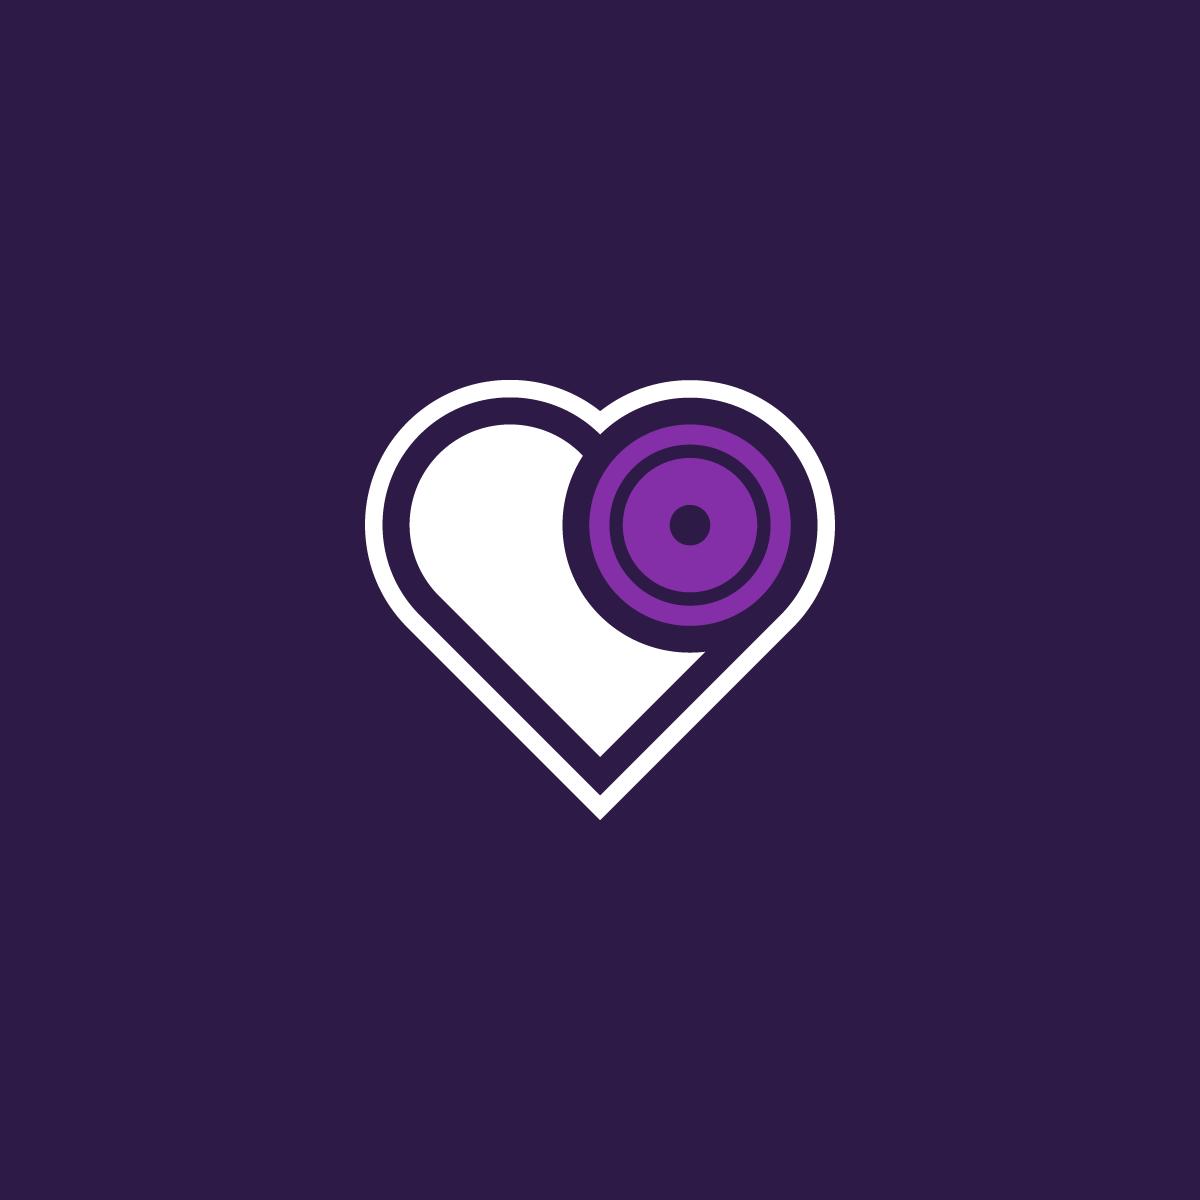 Purple-Yoyo.png